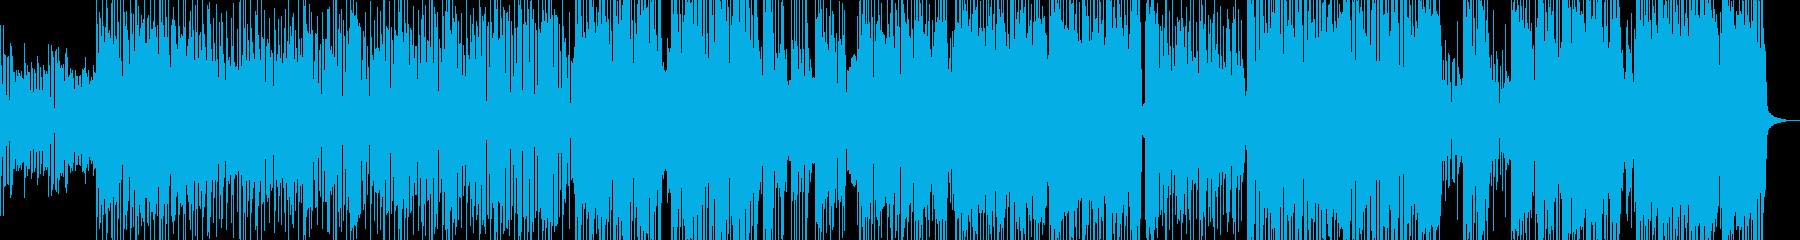 徐々に盛り上がるパレードポップ エレキ無の再生済みの波形